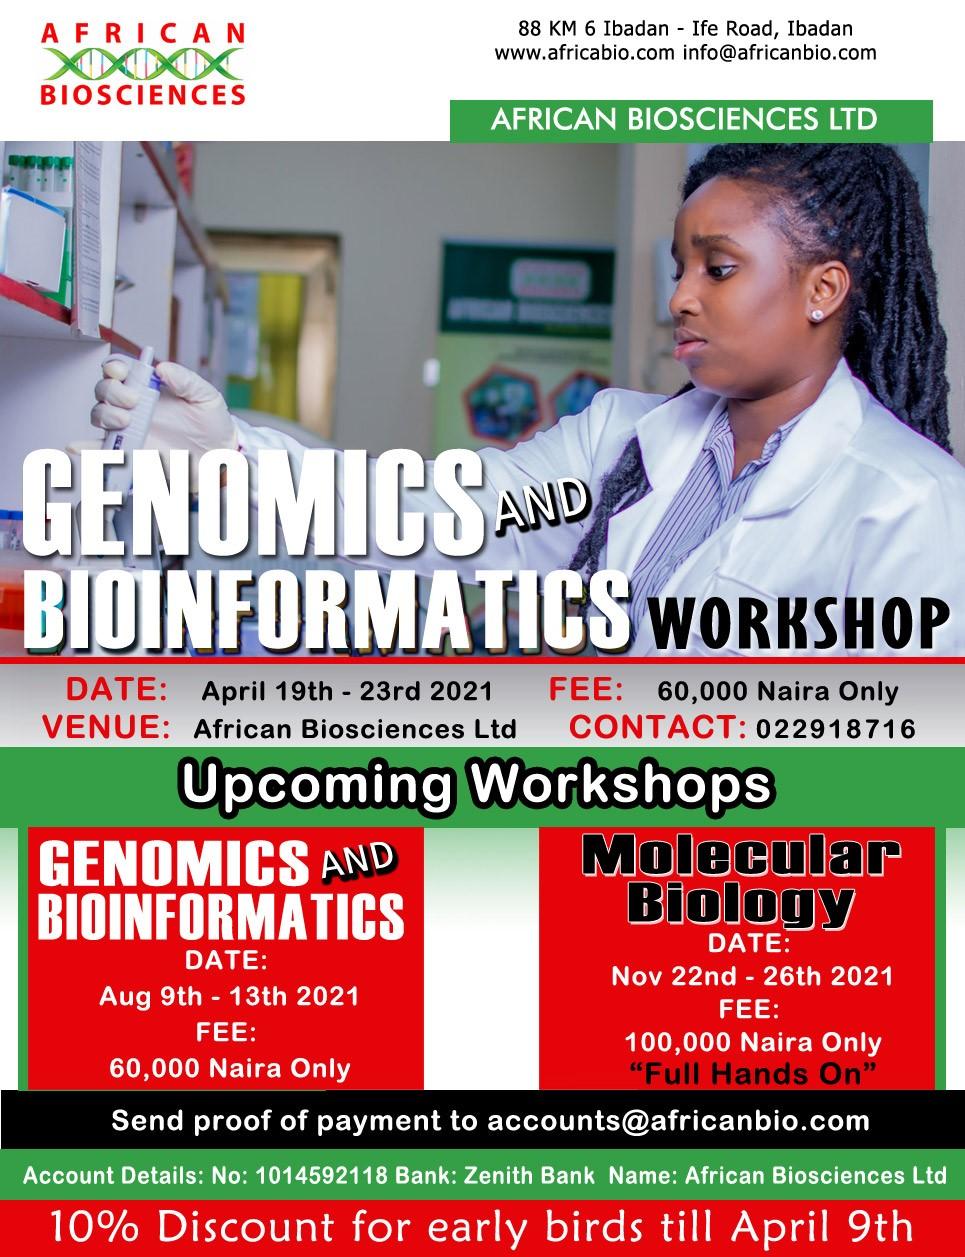 Africanbio Genomics & Bioinformatics Workshop